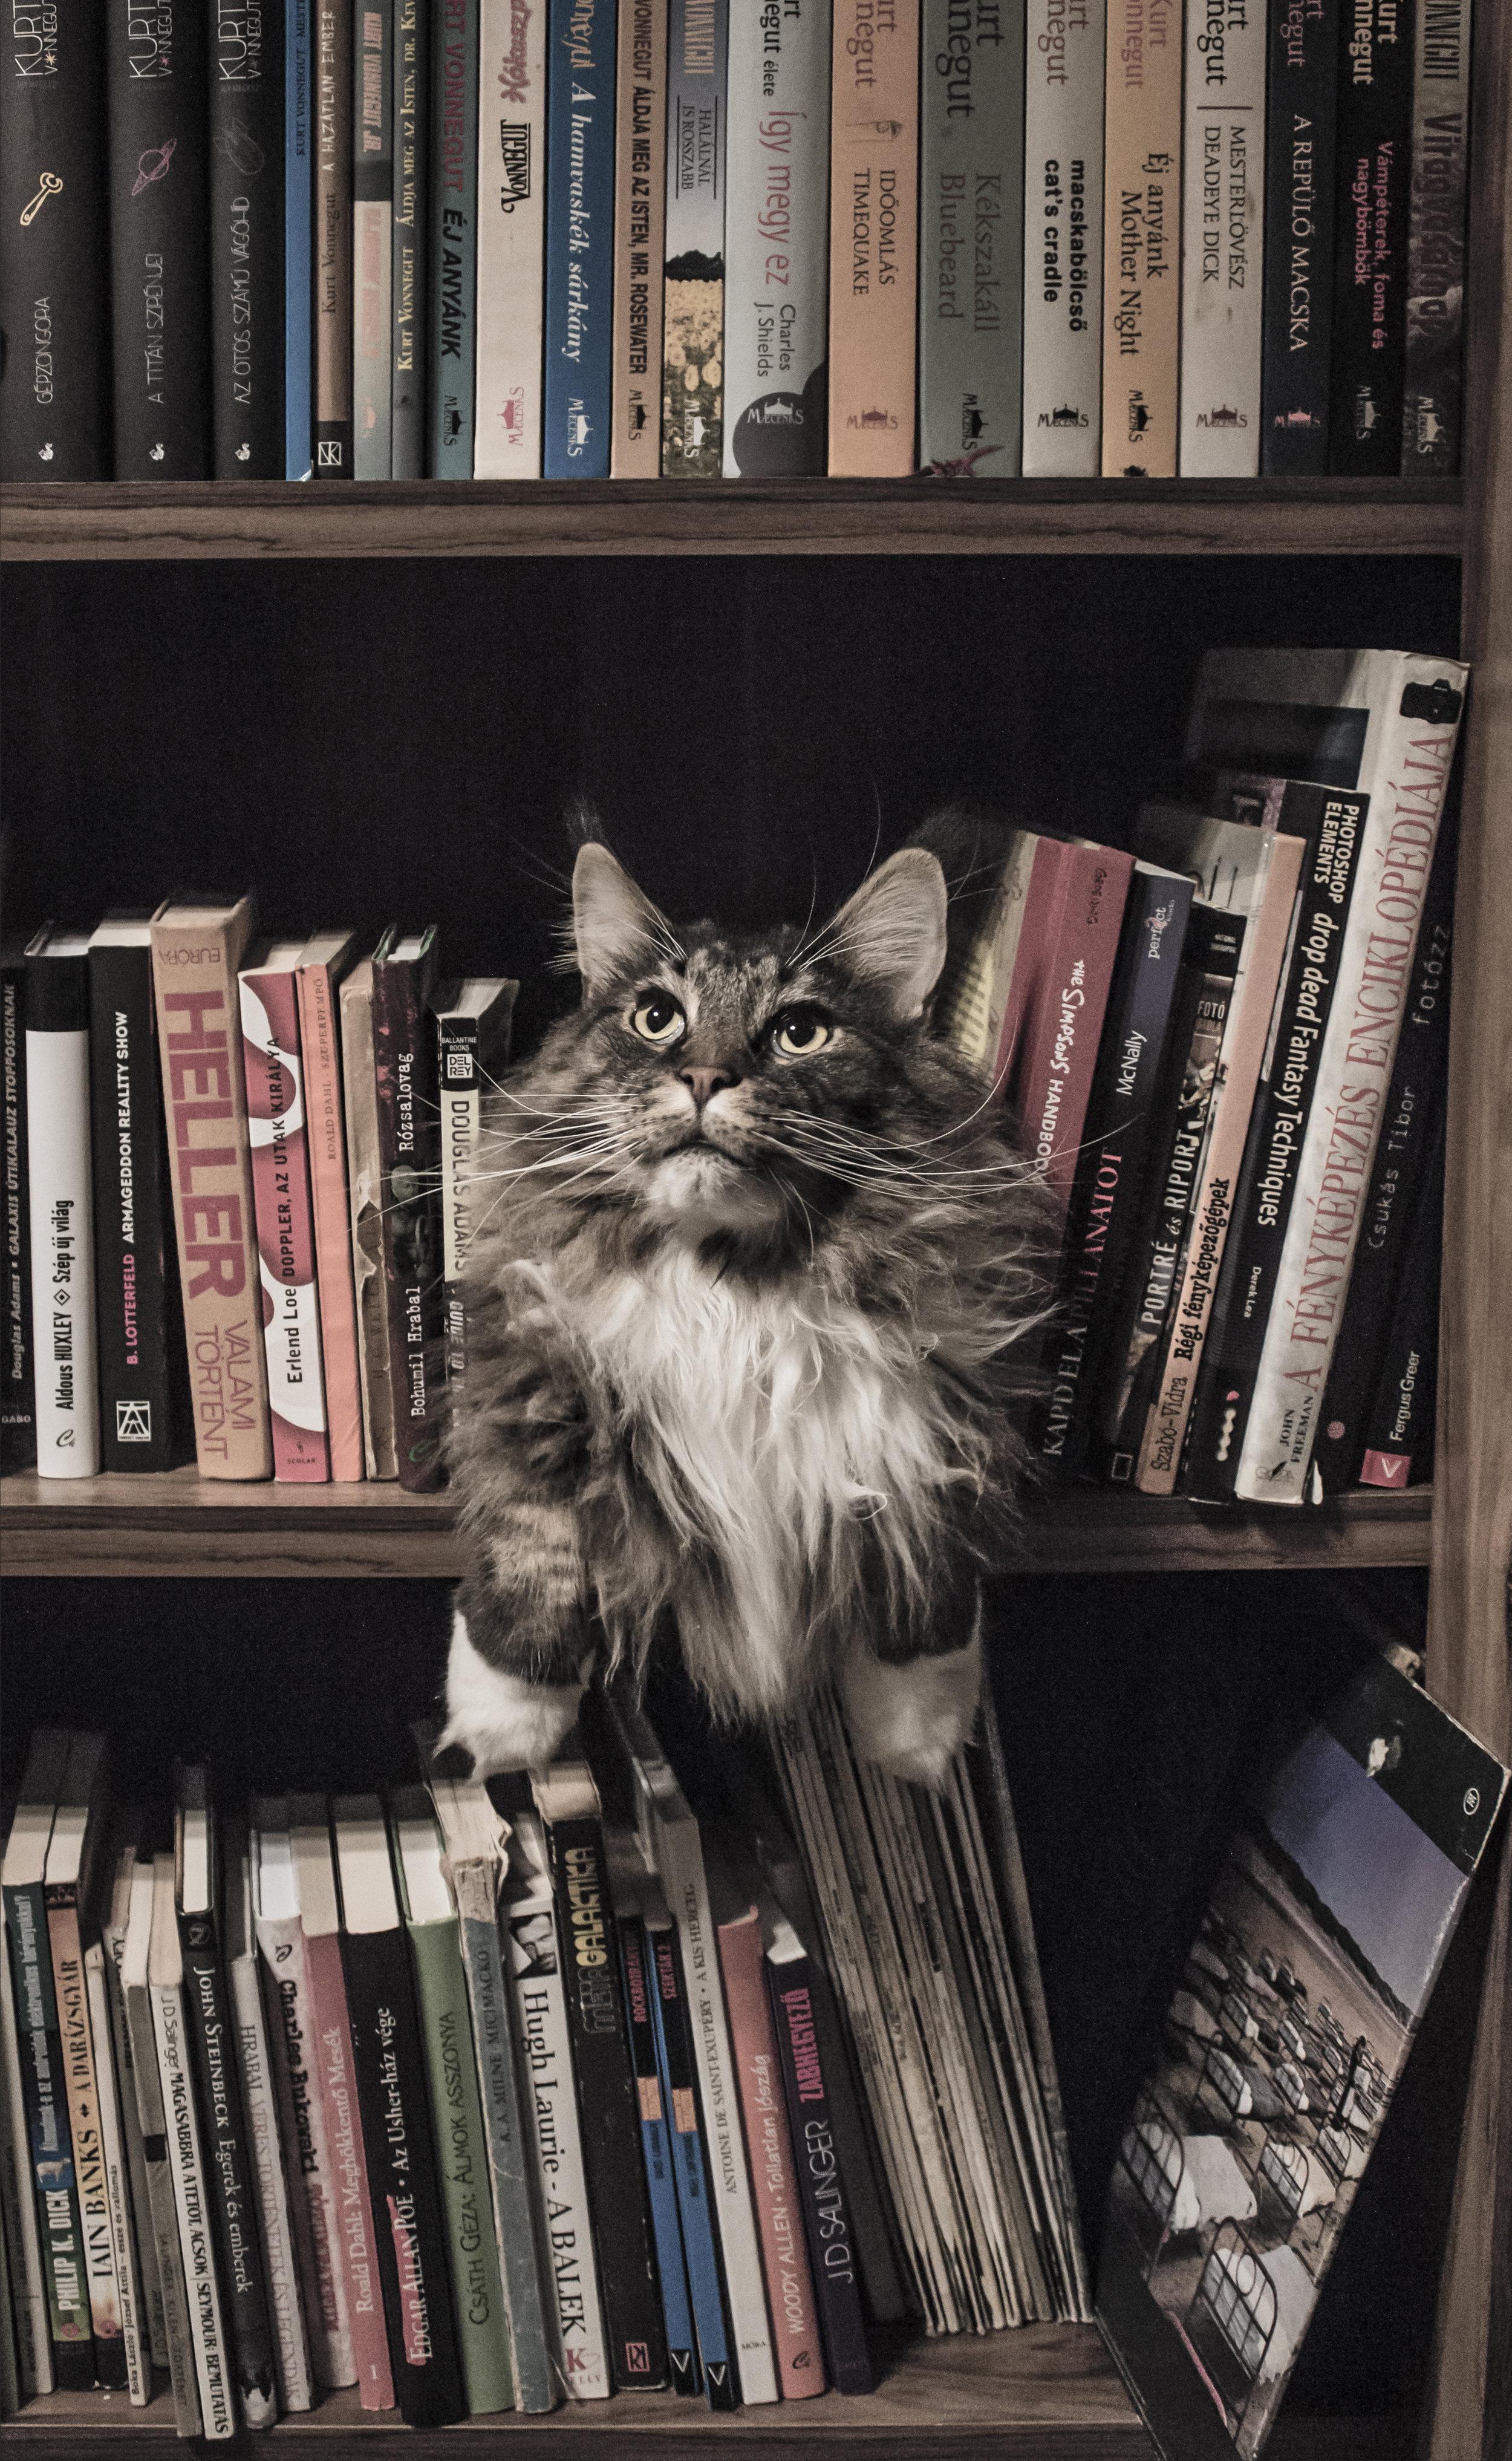 014 TAAL books image3.jpeg